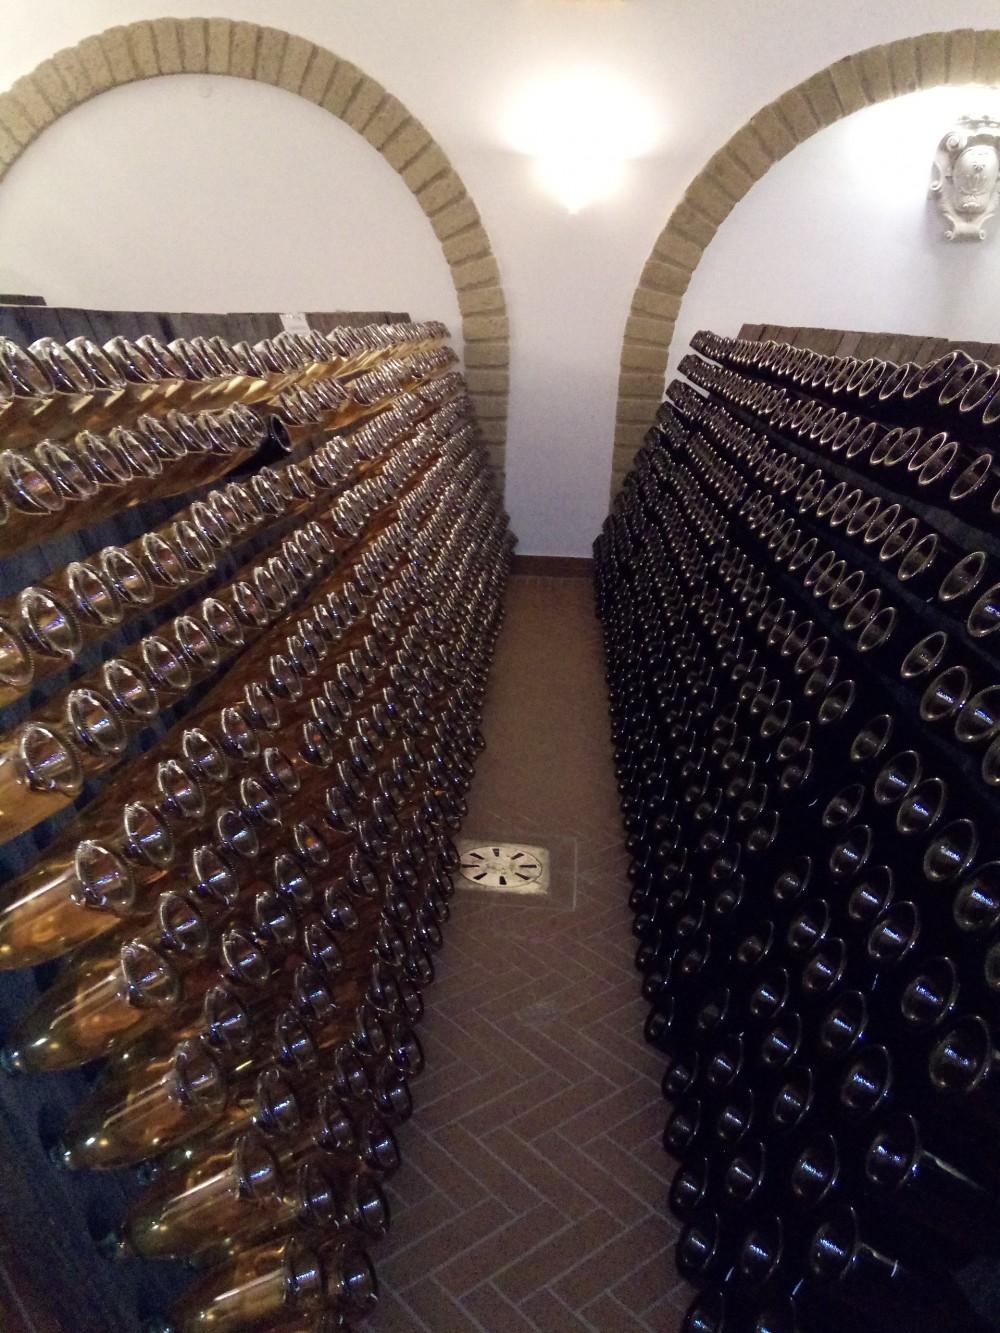 Villa Matilde Bottiglie di spumante sulle pupitres